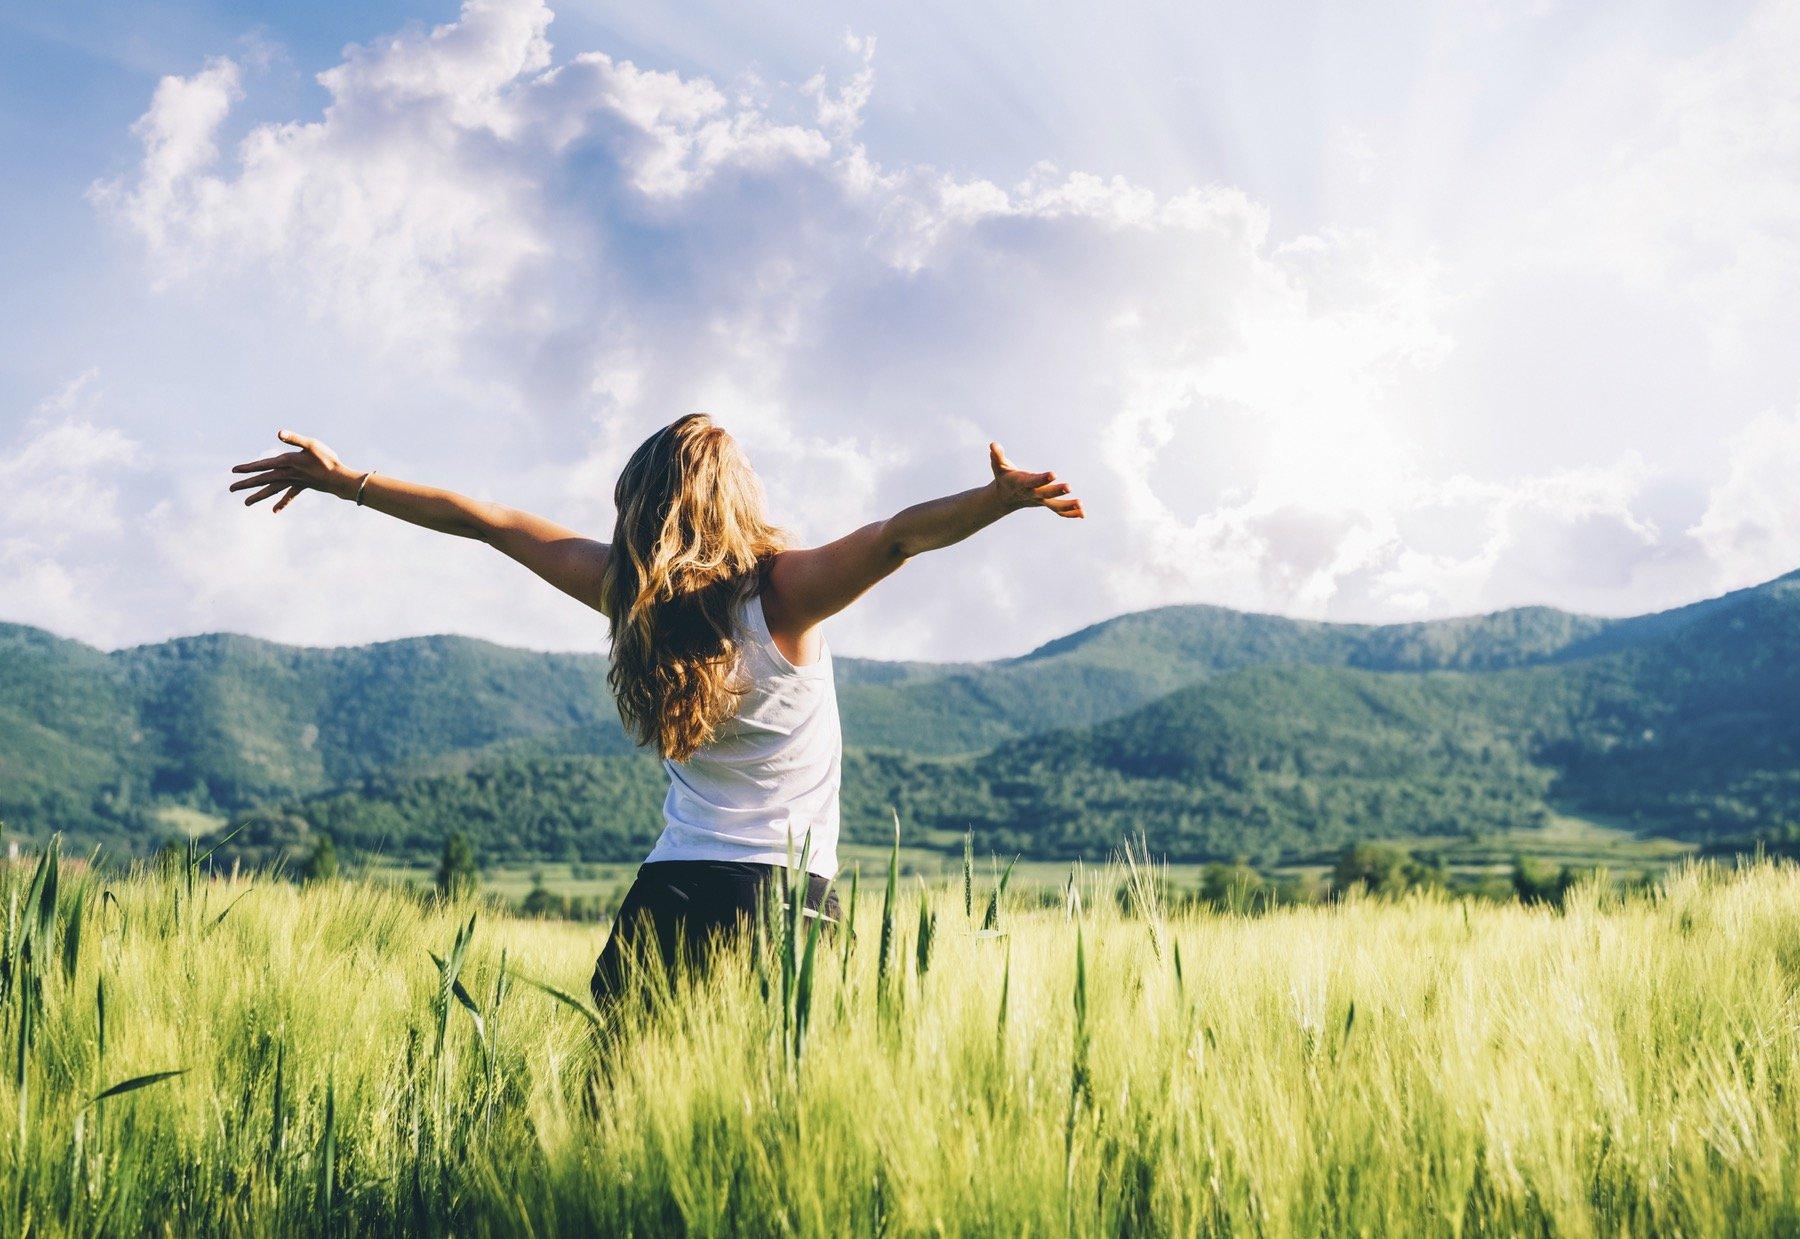 Постоянное стремление к идеальному здоровью